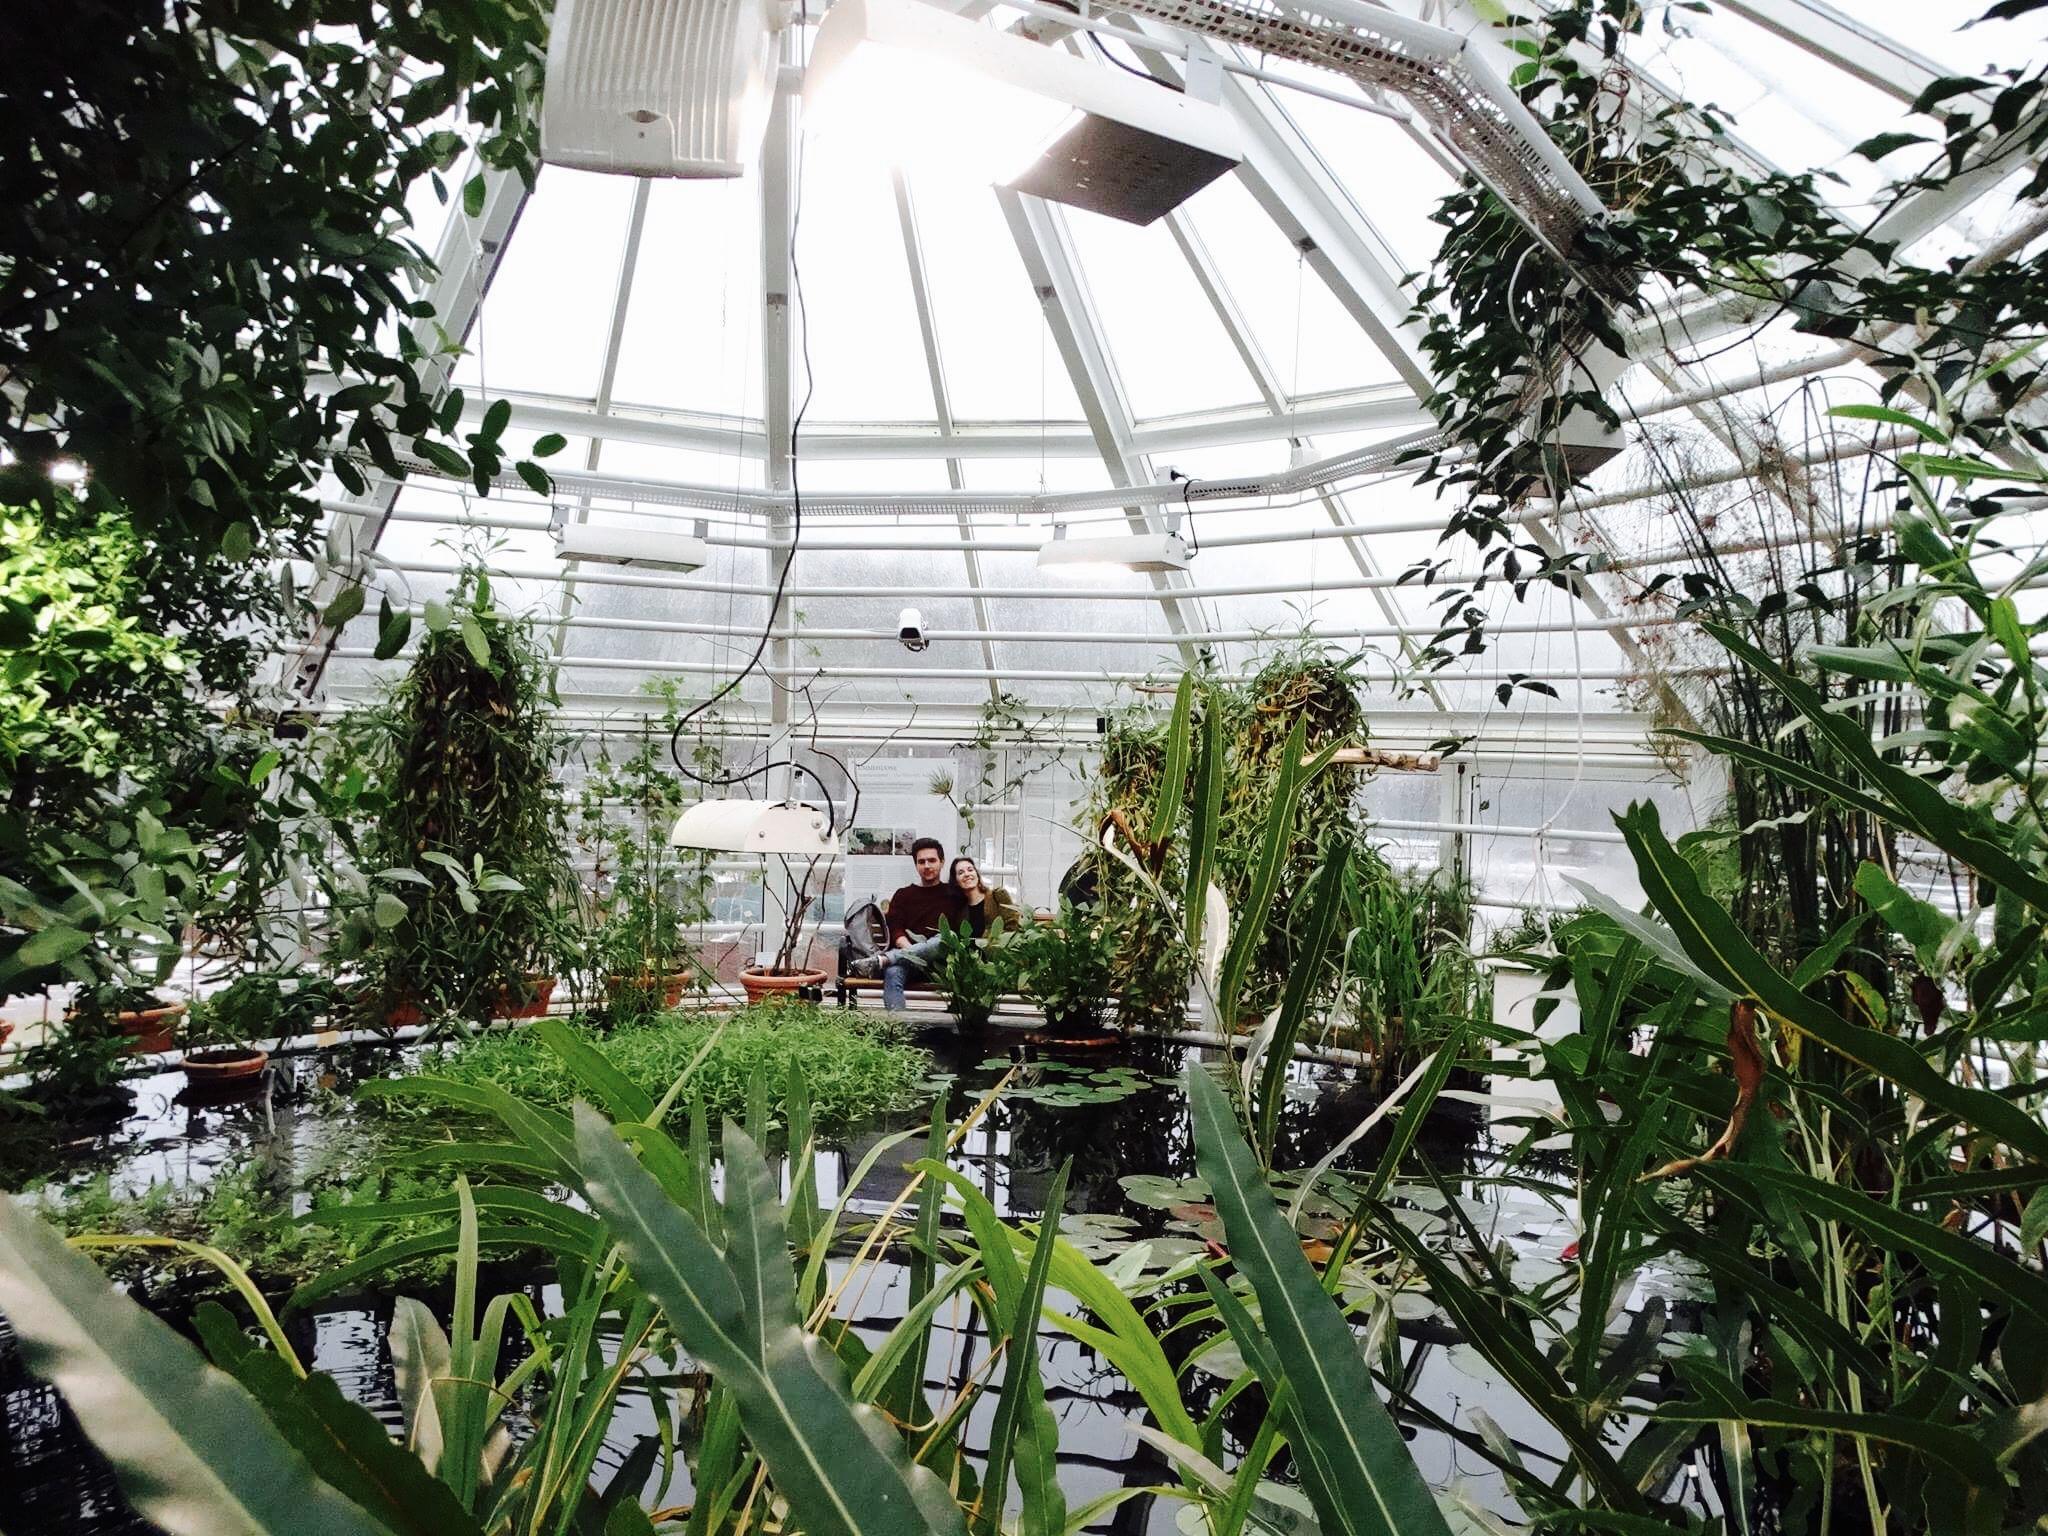 Gewächshaus mit Pflanzen und Teich